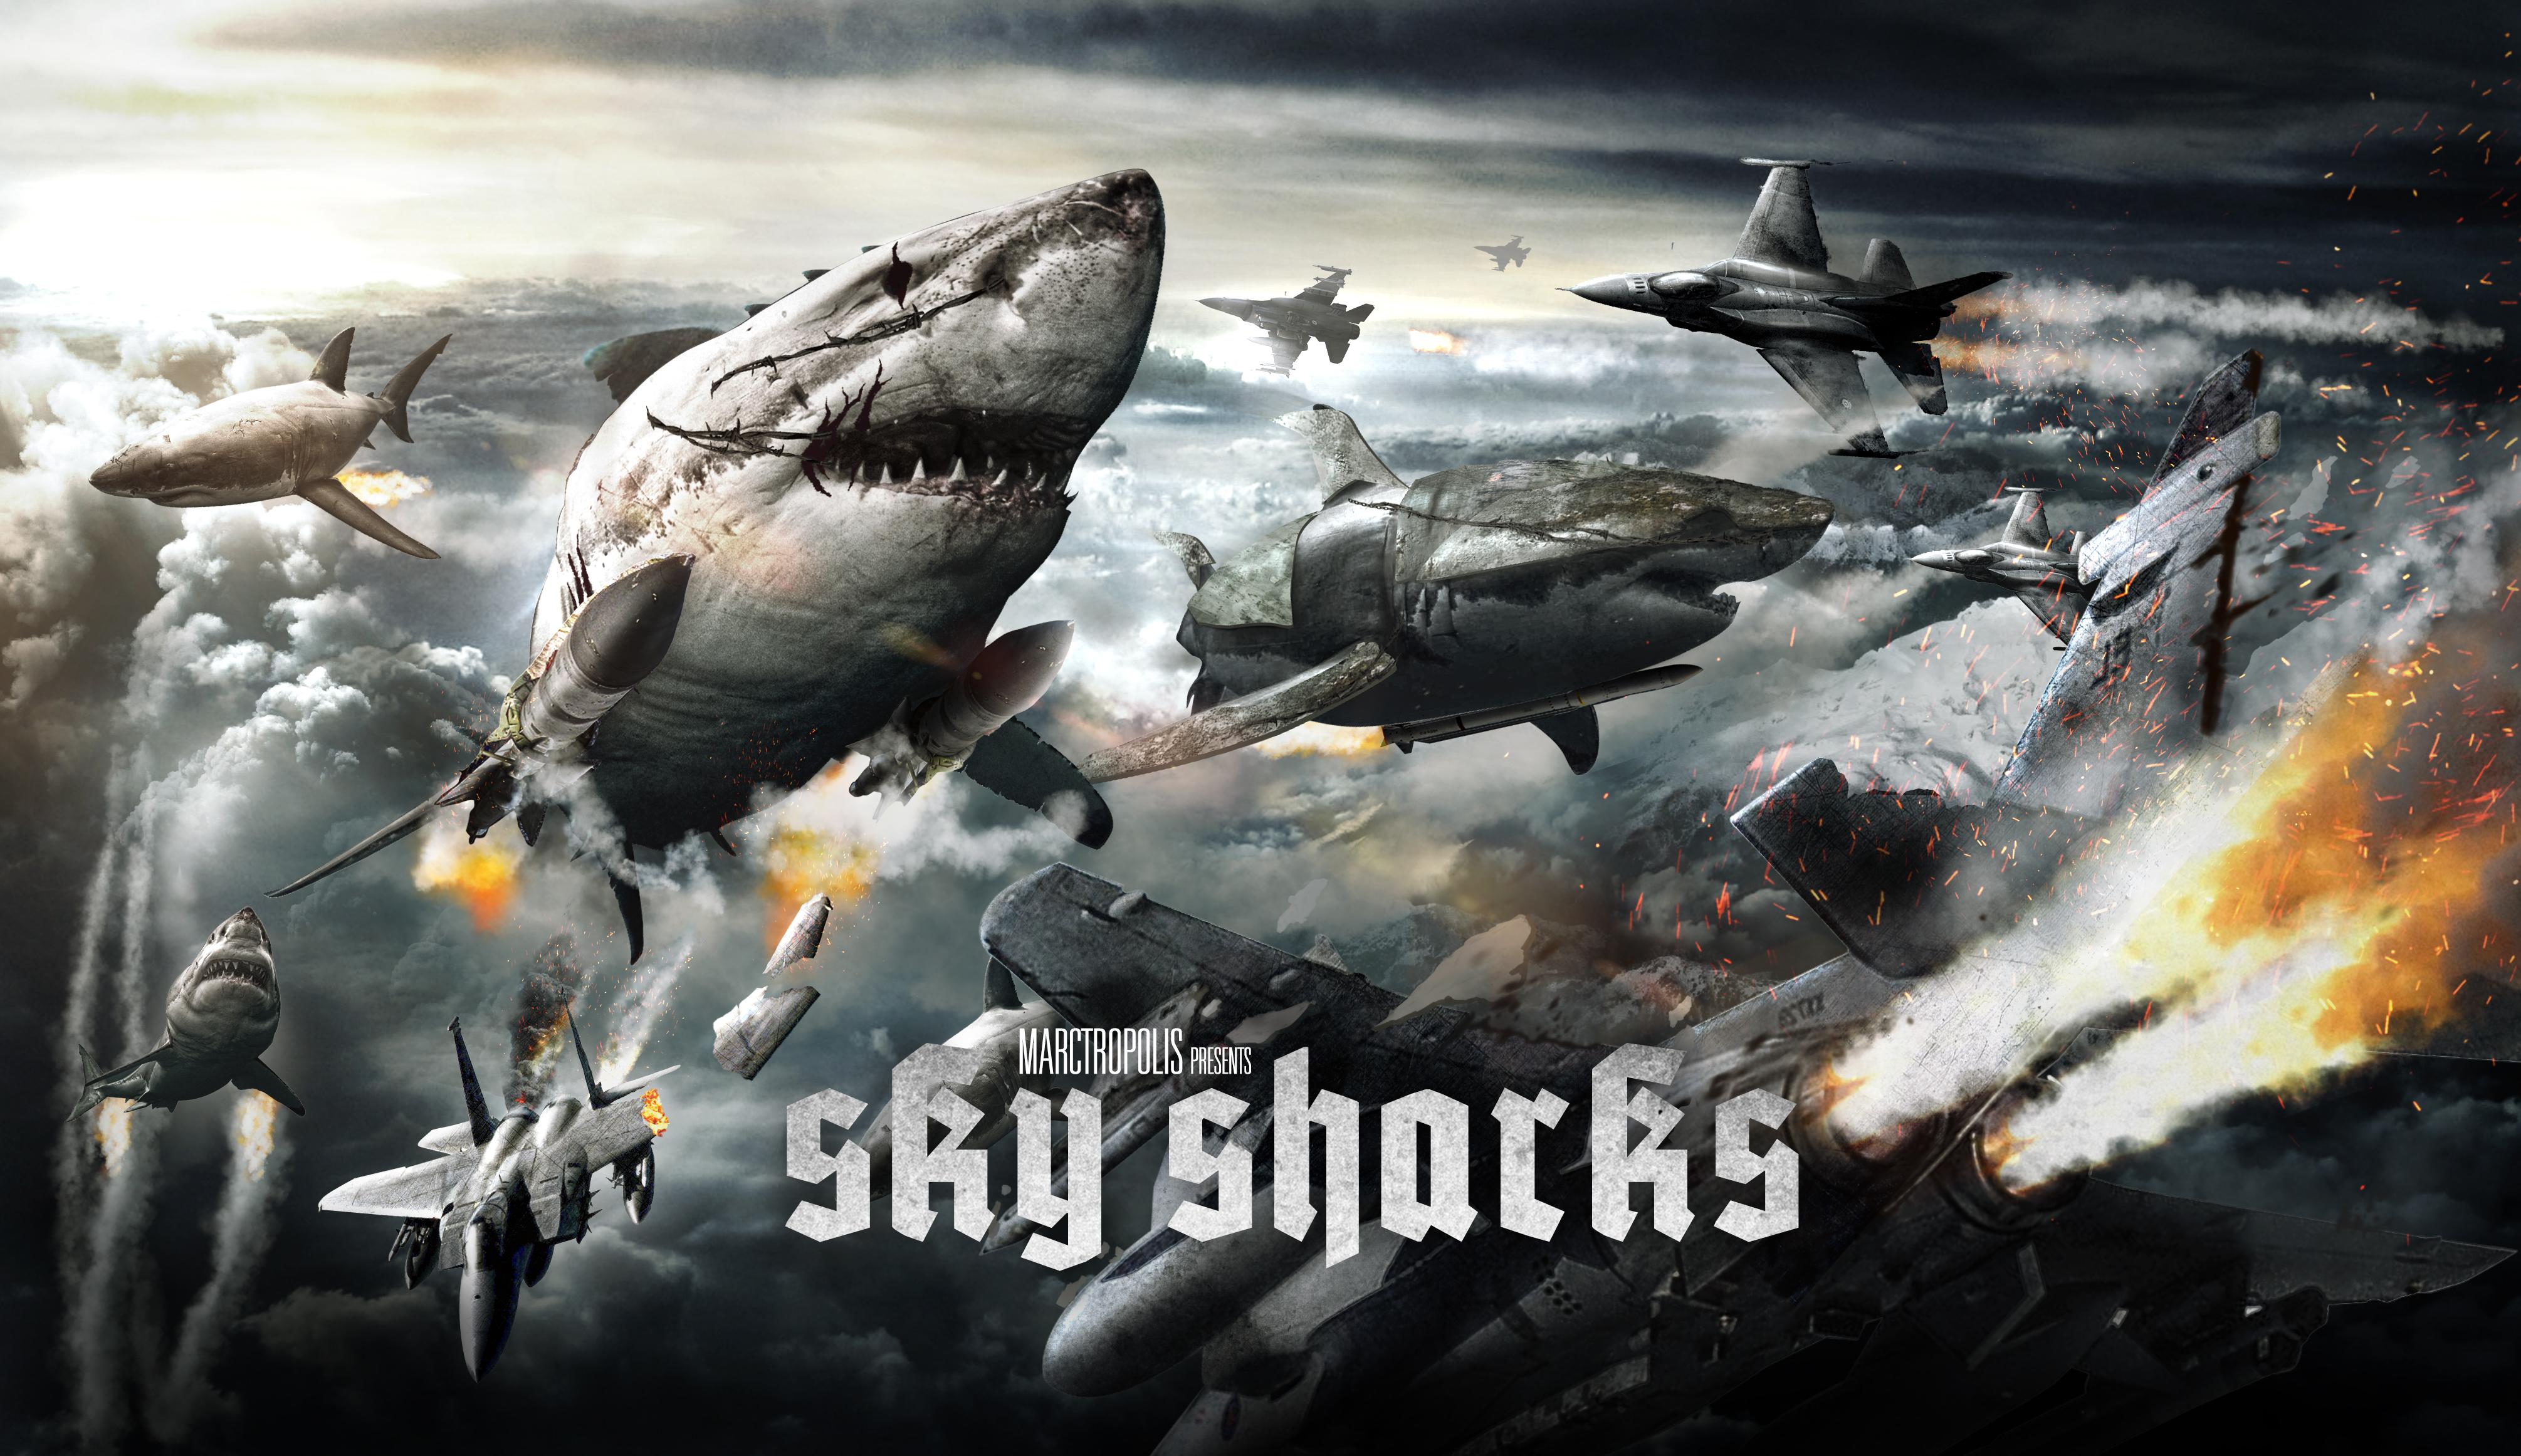 El topic de las pelis de tiburones - Página 2 3eebbbf13208eb5b3b72f78c73598193